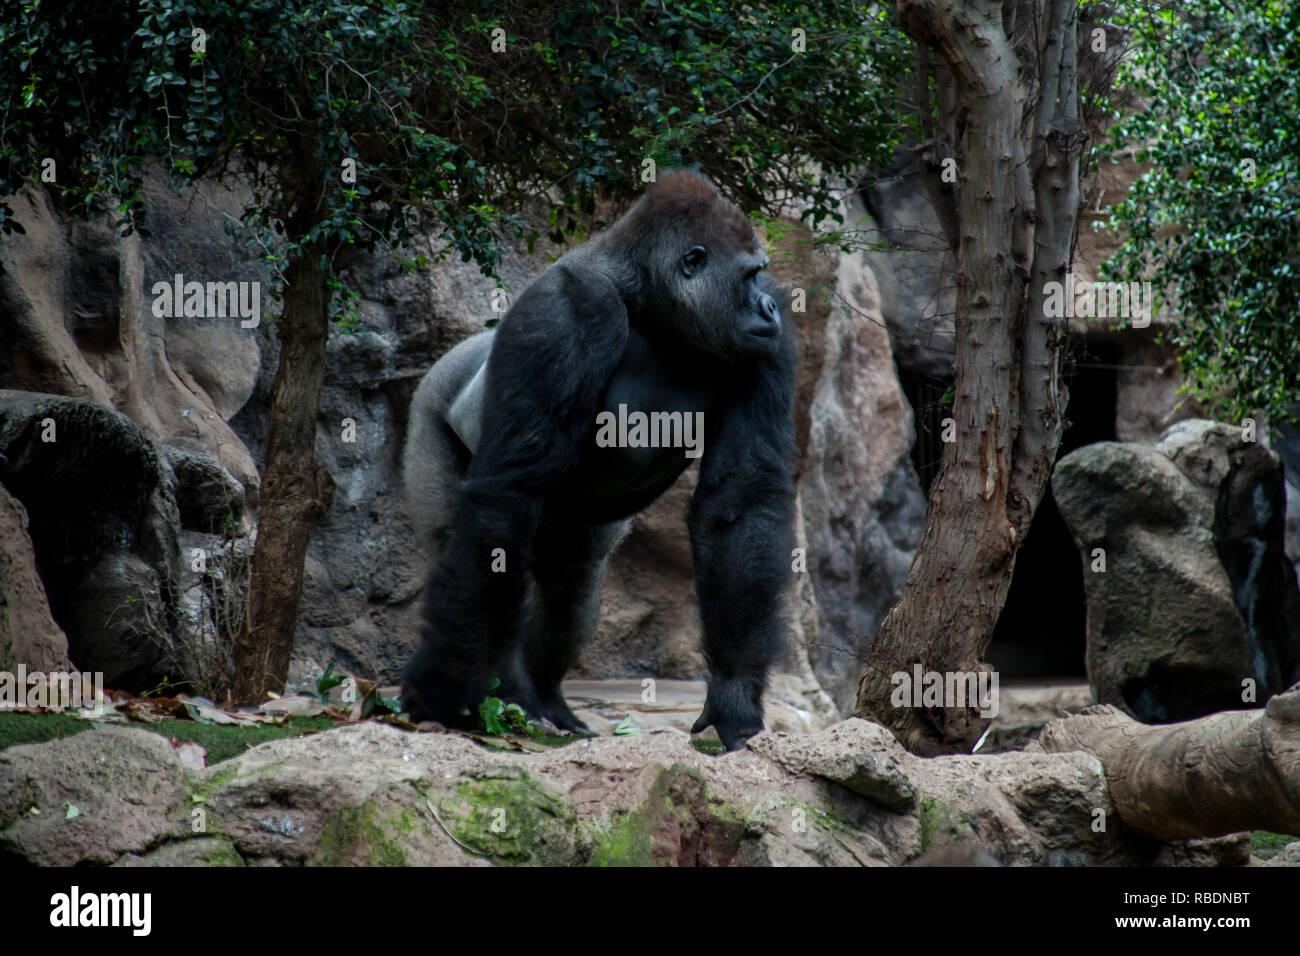 Una bonita foto de un adulto silverback gorila de las tierras bajas occidentales mirando alrededor Imagen De Stock